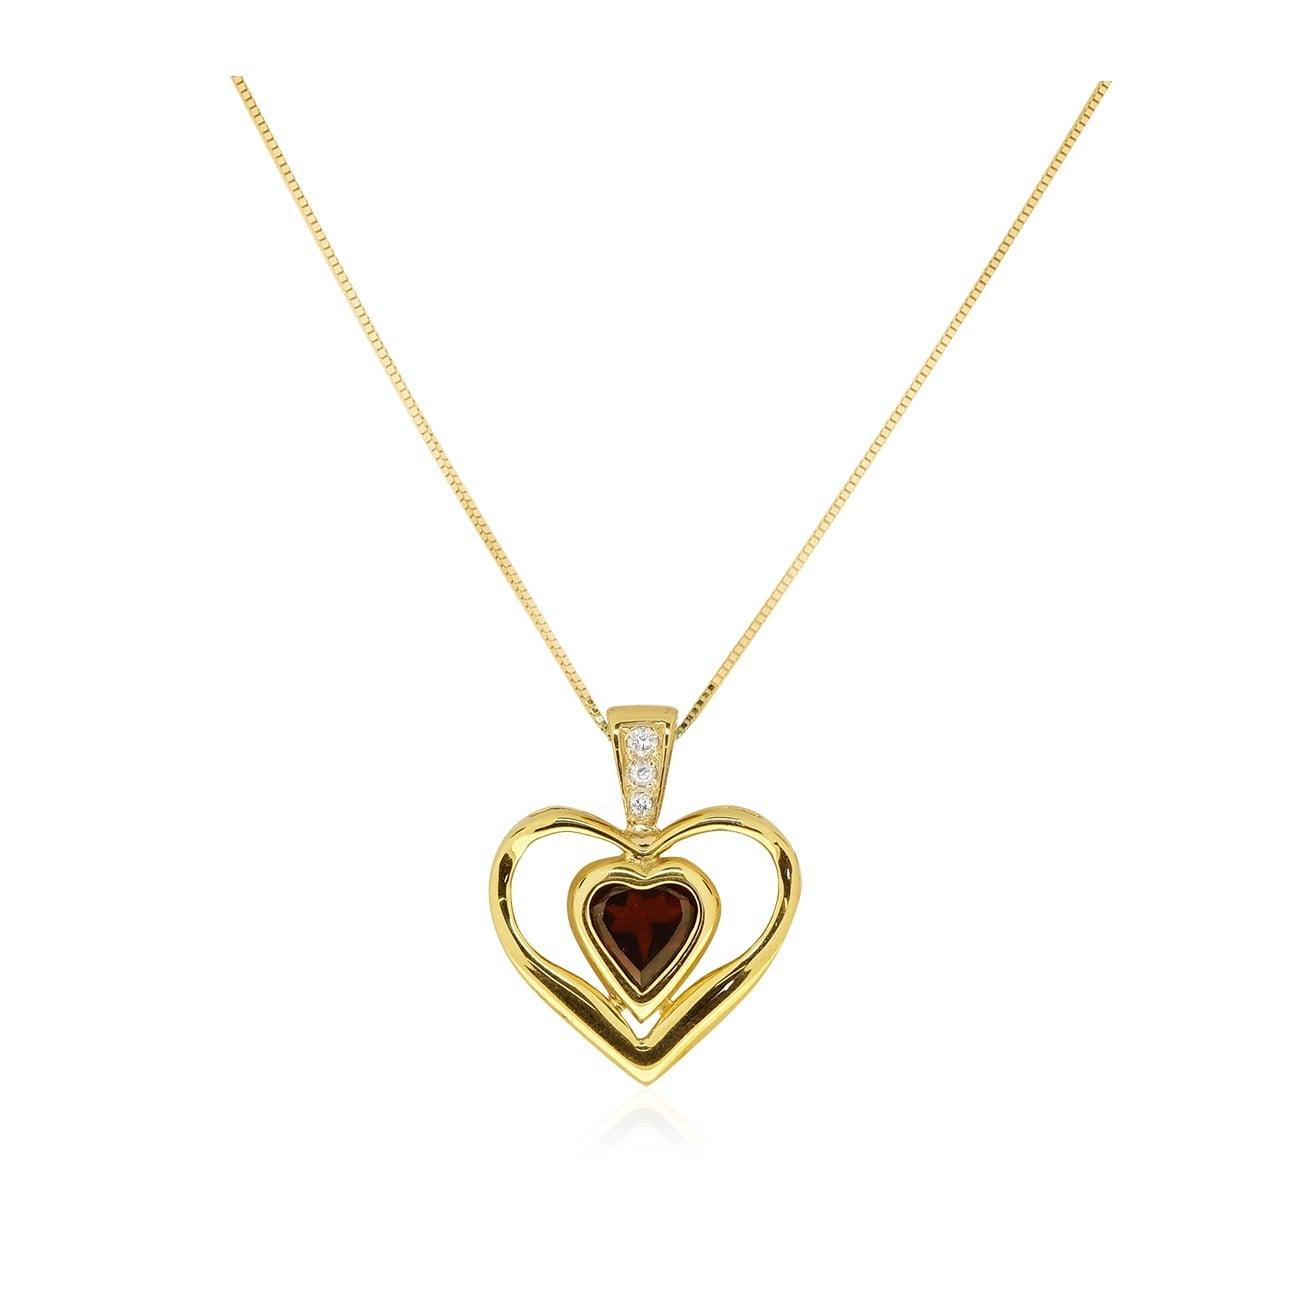 שרשרת בצורת לב בשילוב גרנט ויהלומים בזהב 14 קרט